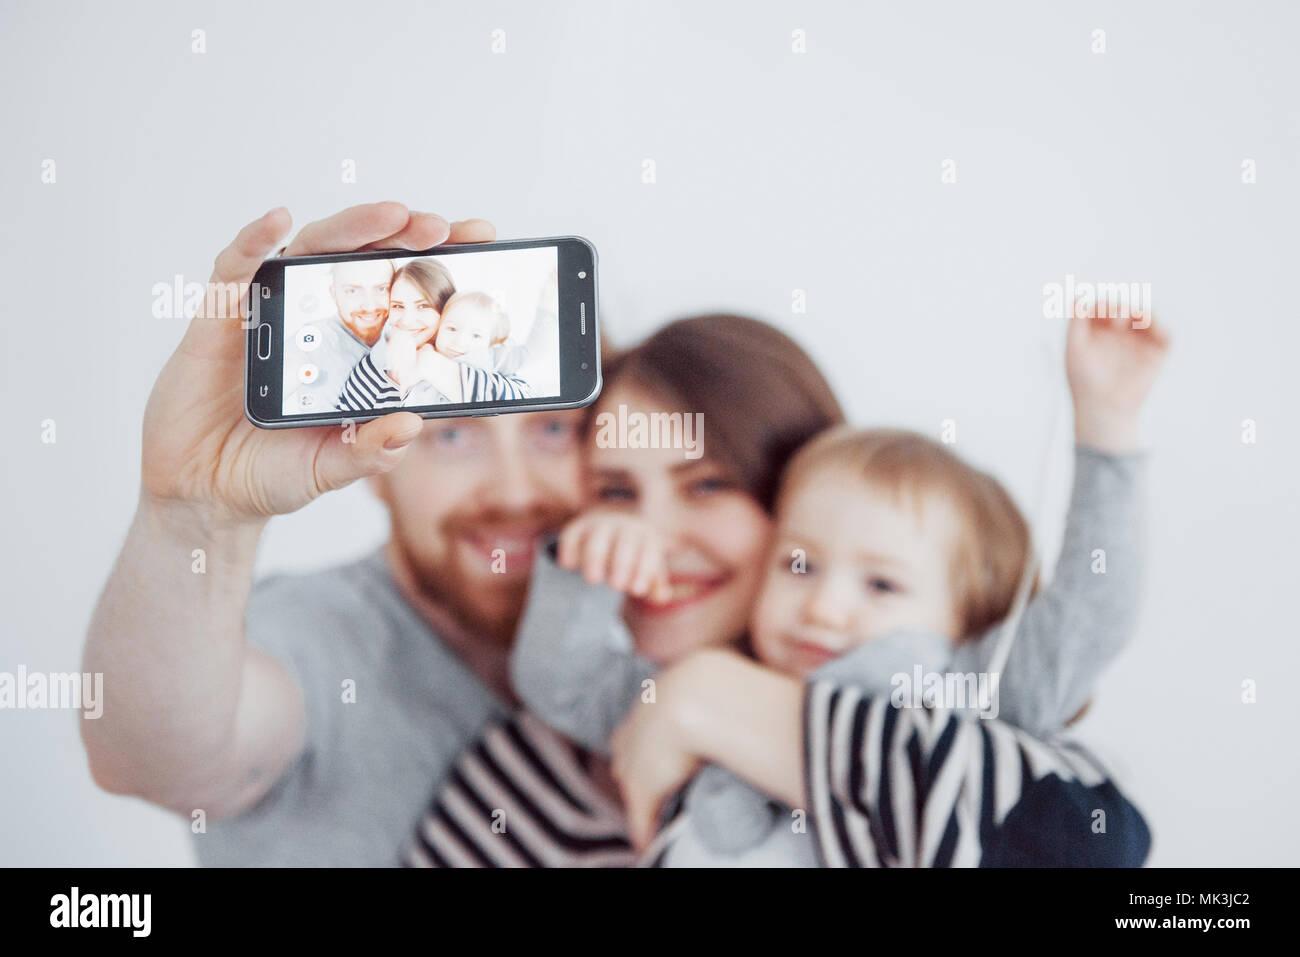 Familie, Feiertage, Technik und Mensch - lächelnd, Mutter, Vater und kleine Mädchen, selfie mit Kamera auf weißem Hintergrund Stockbild